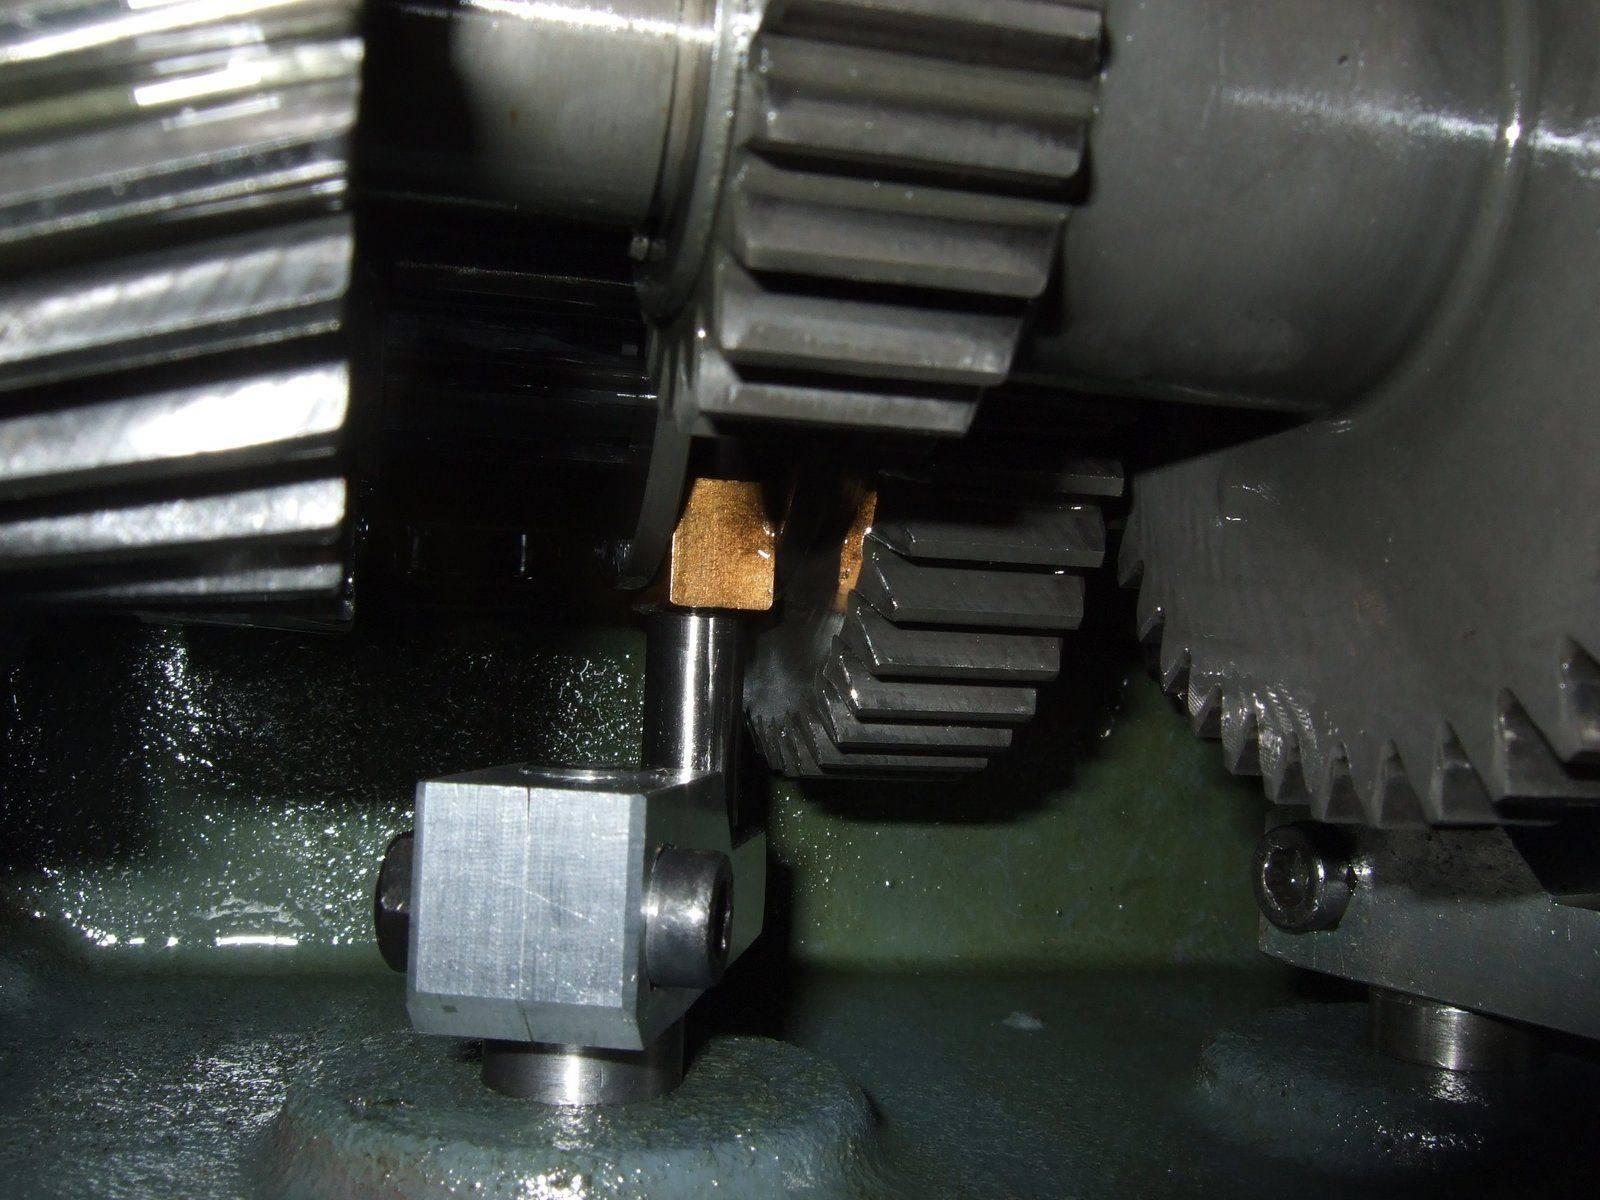 DSCF3779.JPG